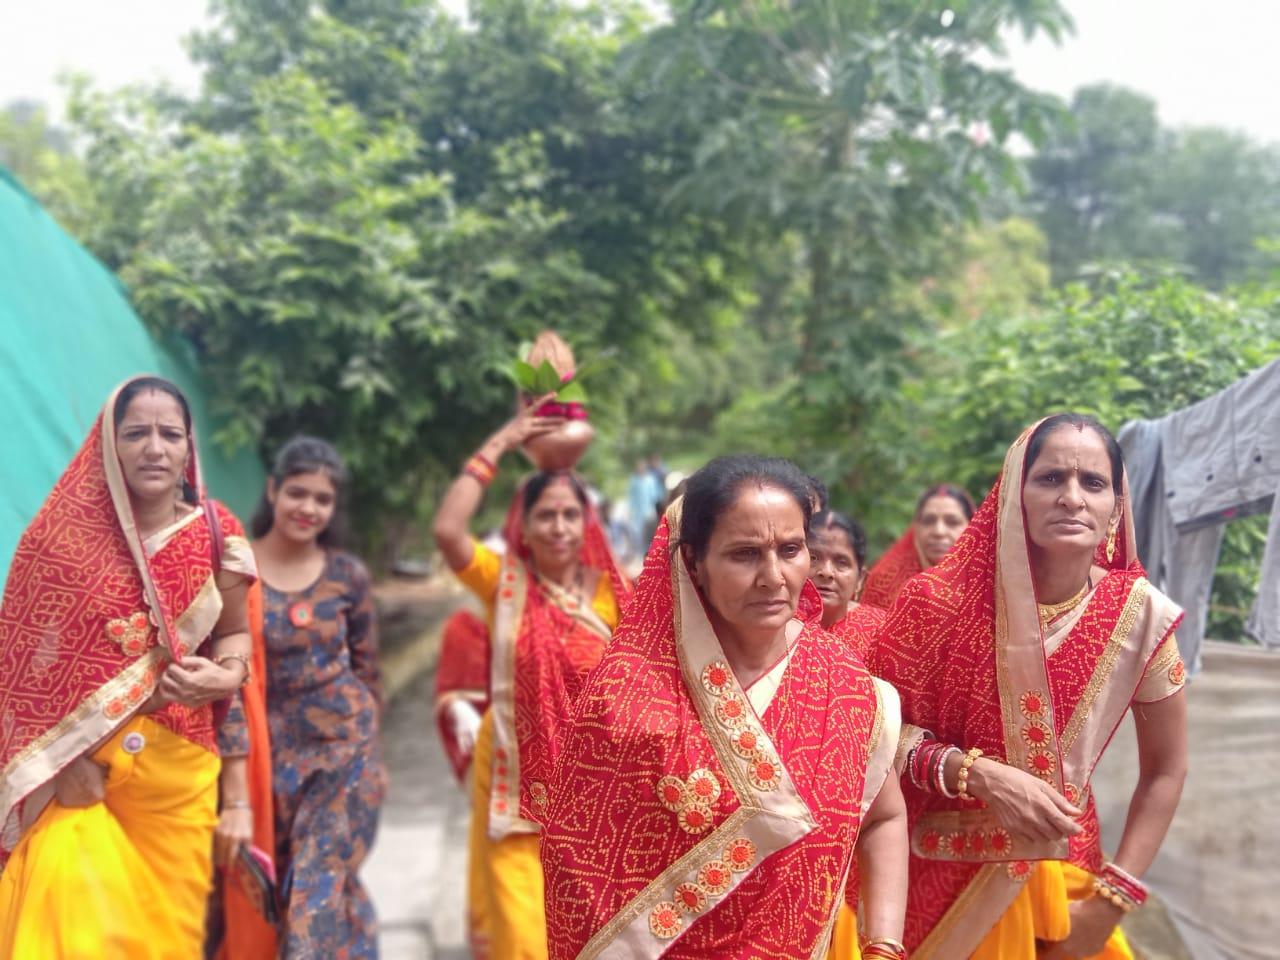 jhabua news- varun saptami arora samaj jhabua-भक्ति एवं श्रद्धा के साथ अरोडा समाज ने मनाई वरूण सप्तमी